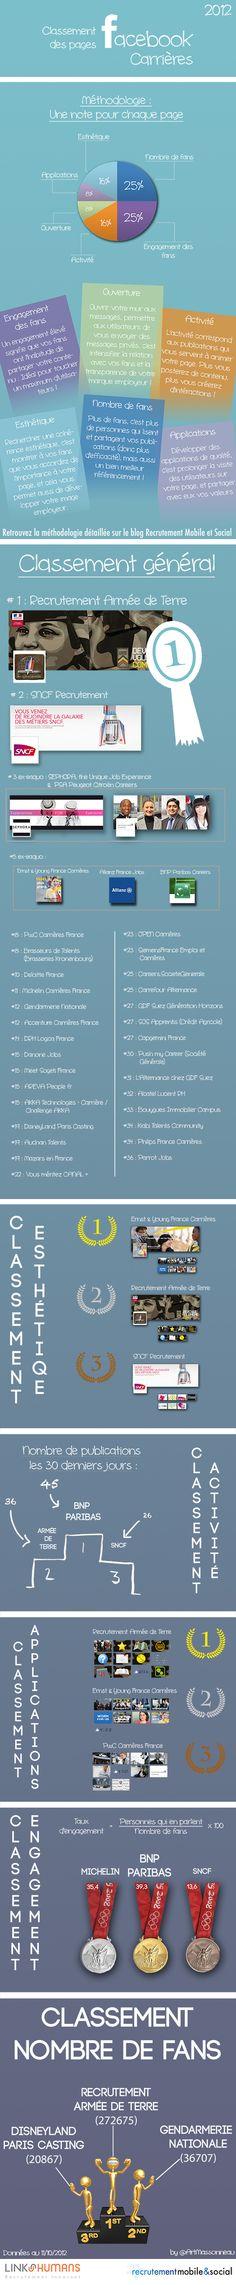 Classement des pages #Facebook Carrières Infographie